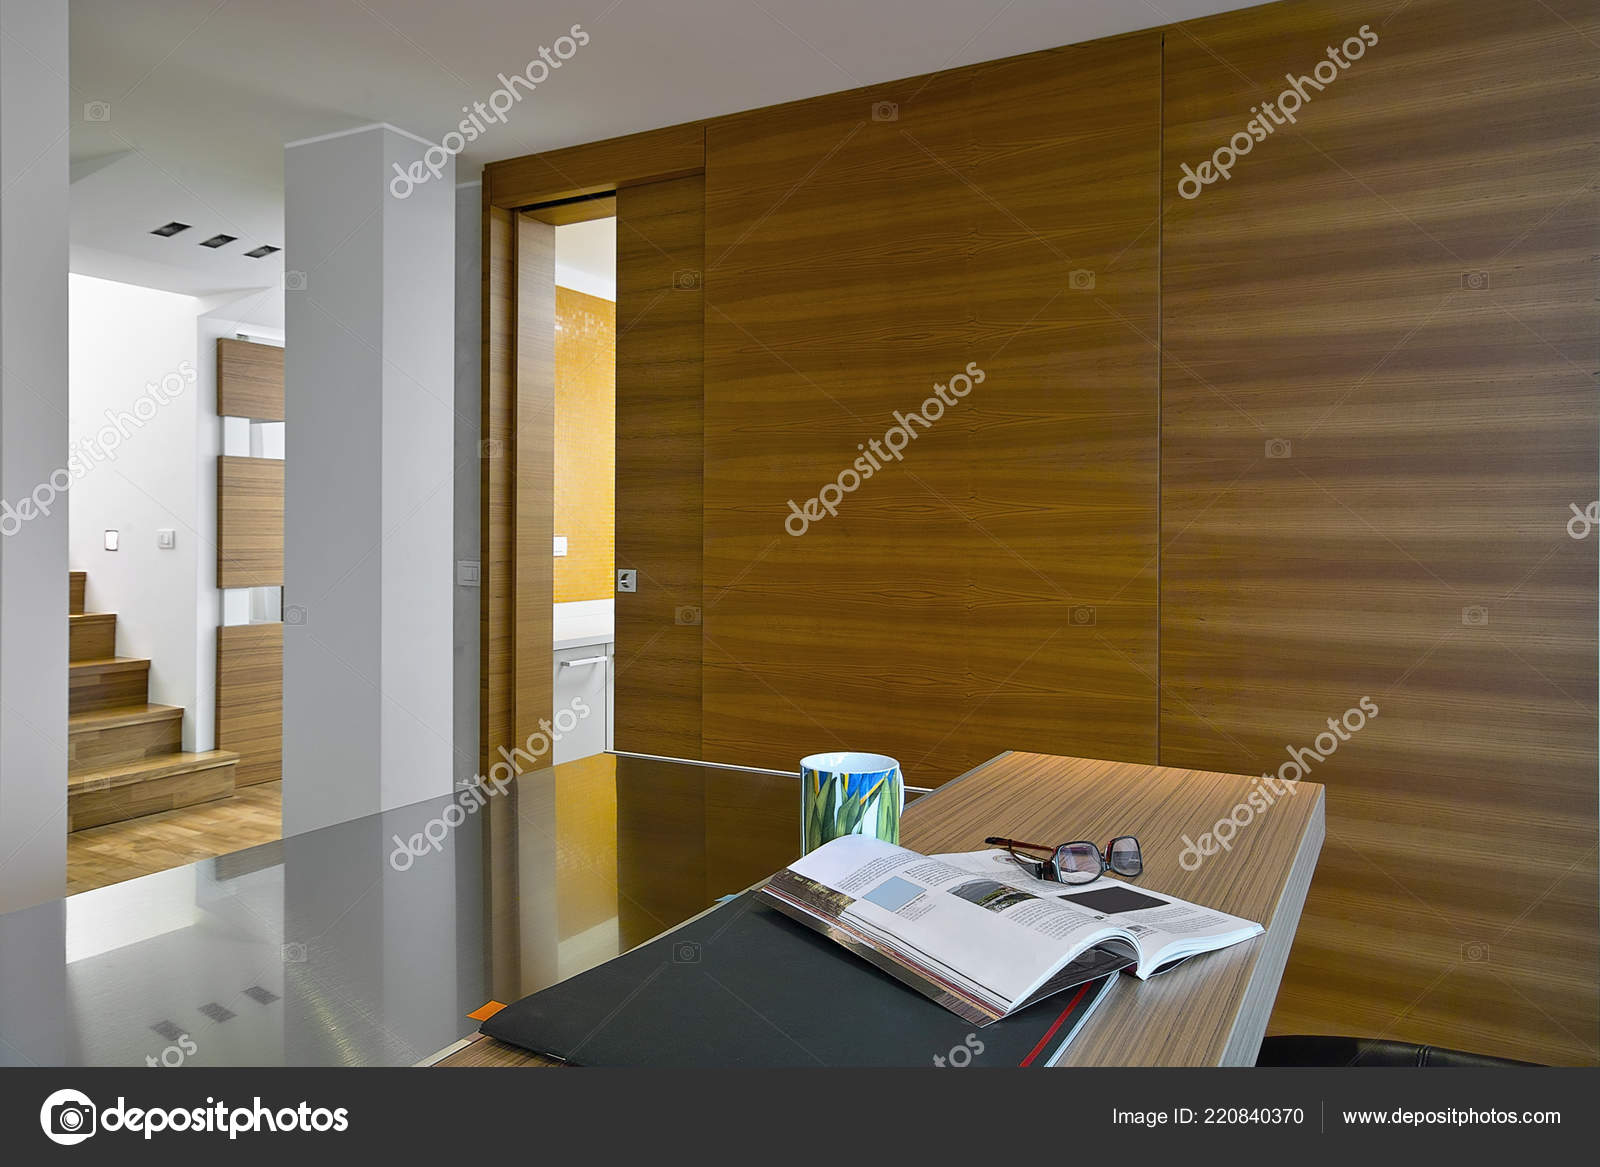 Interieur Aufnahmen Einer Modernen Küche Vordergrund Bedeckt Die ...